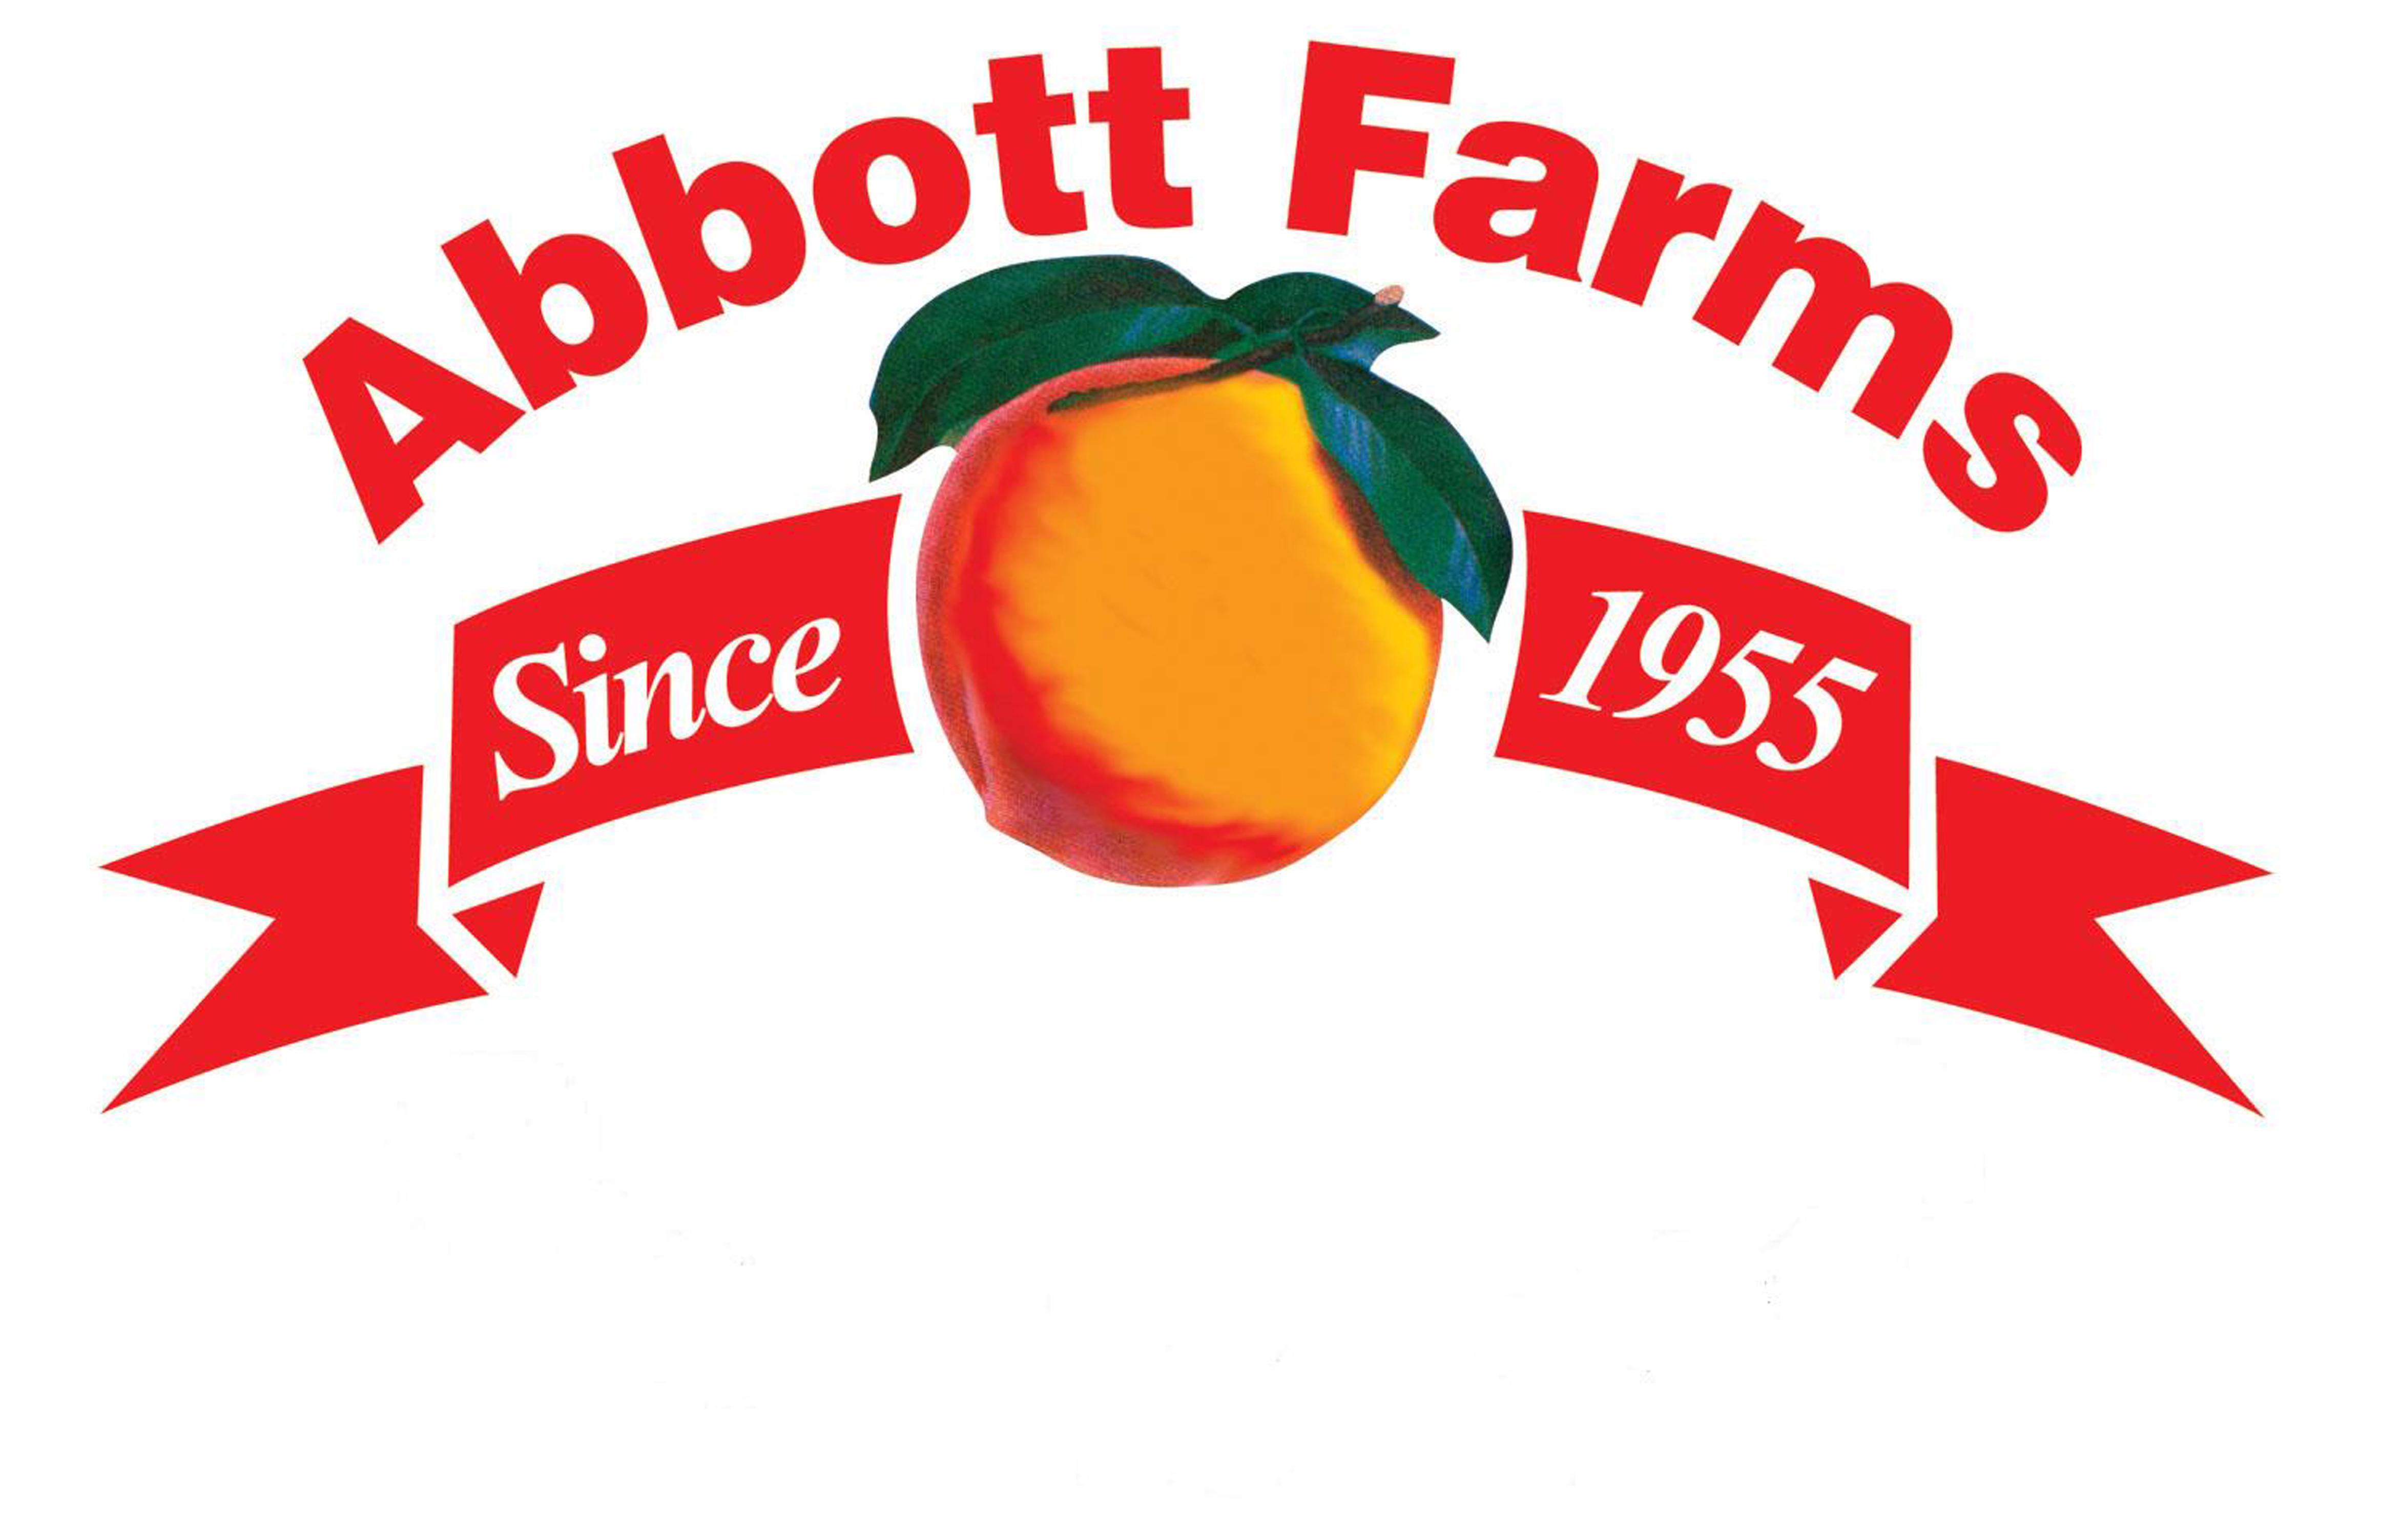 Abbott Farms Bakery